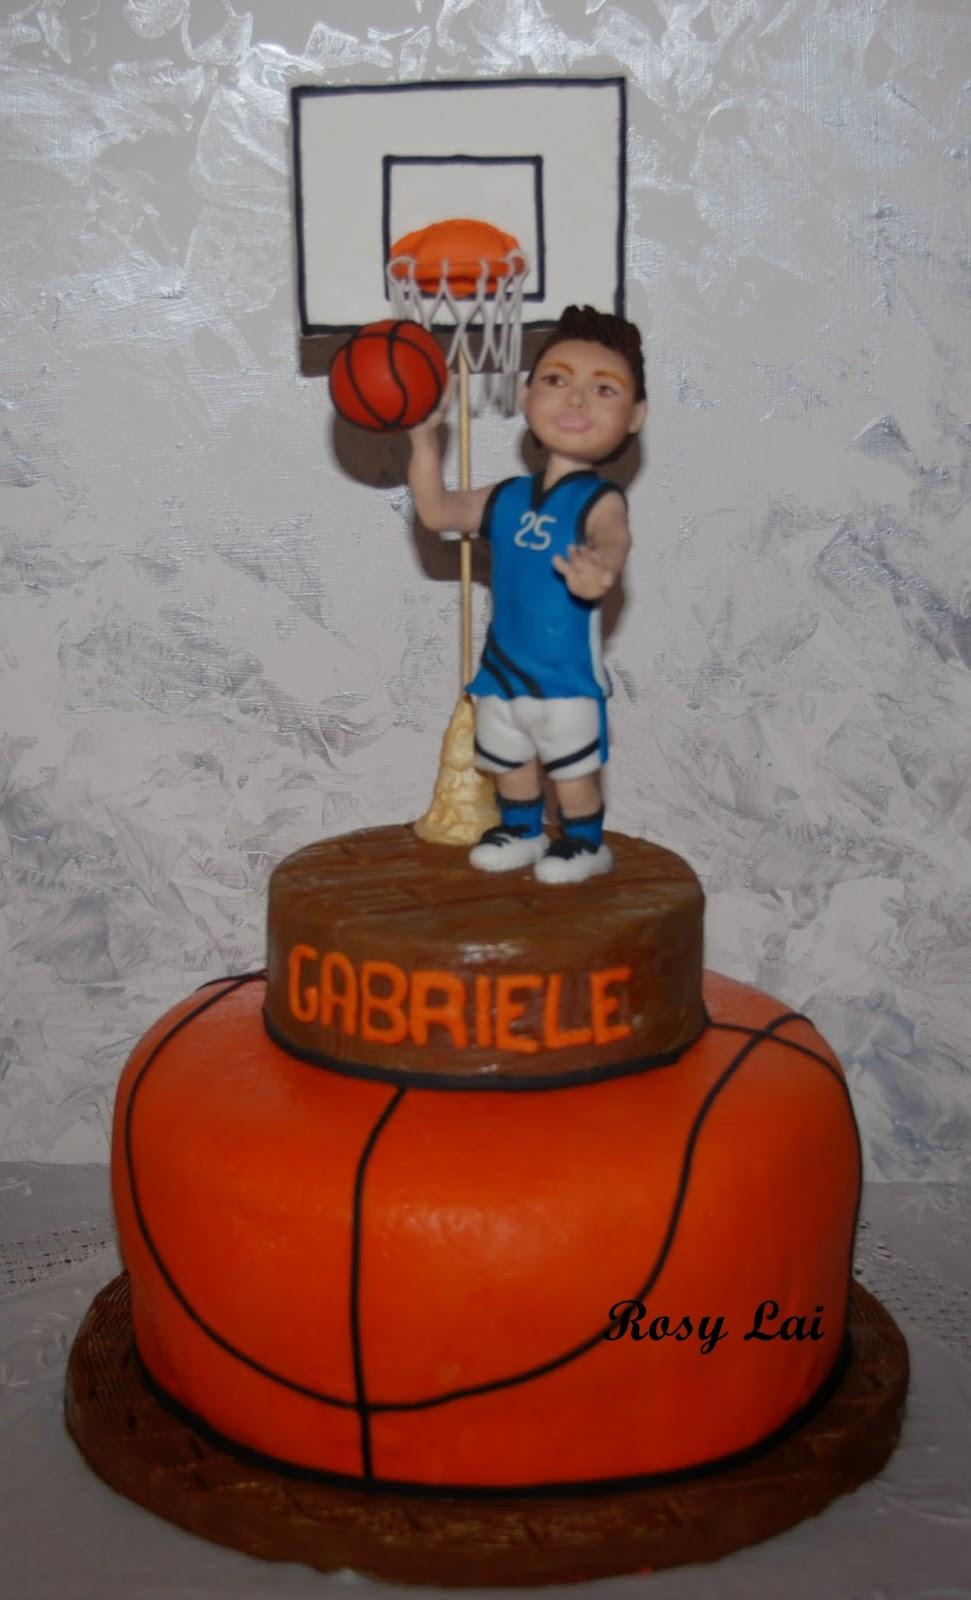 Basket Torte Le Di Rosy LaiTorta XZiOkPuT